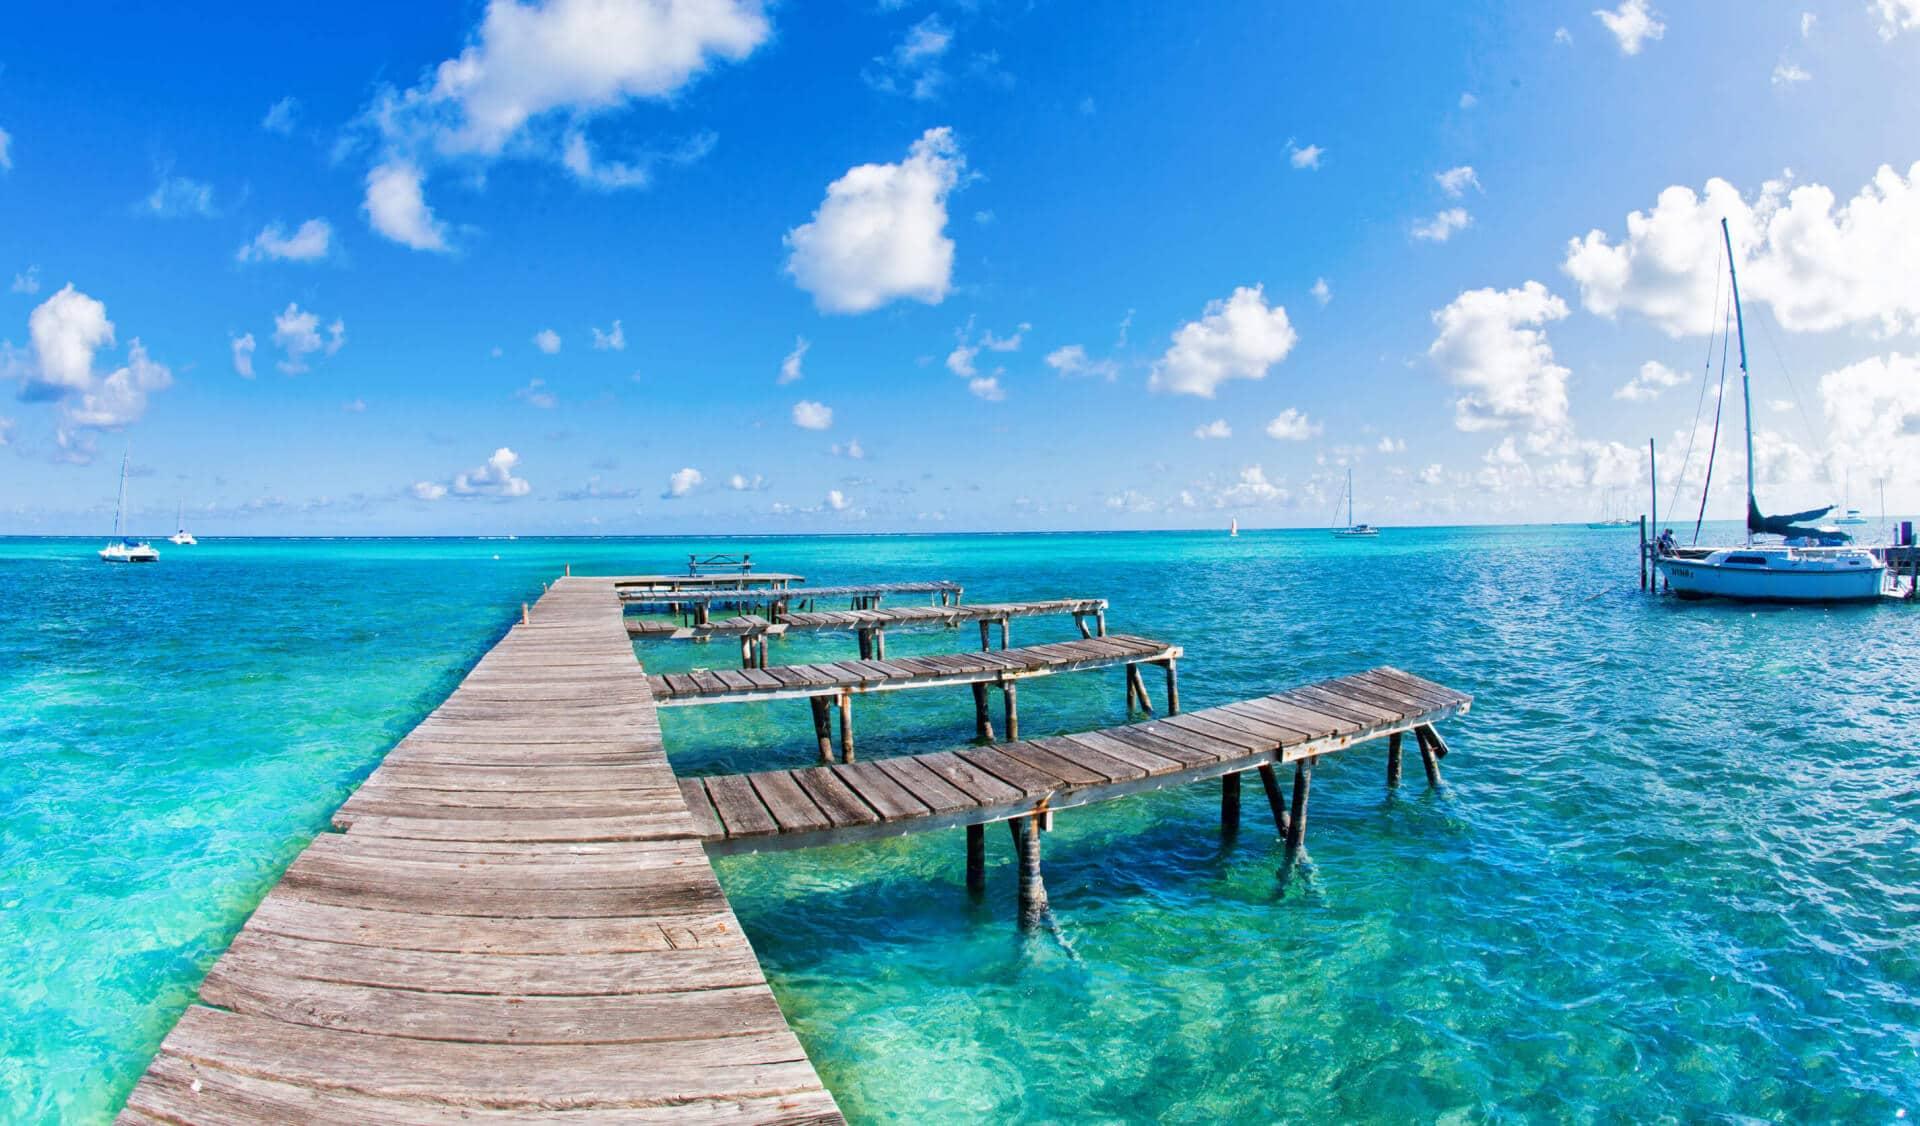 Pelican Island Resort Belize